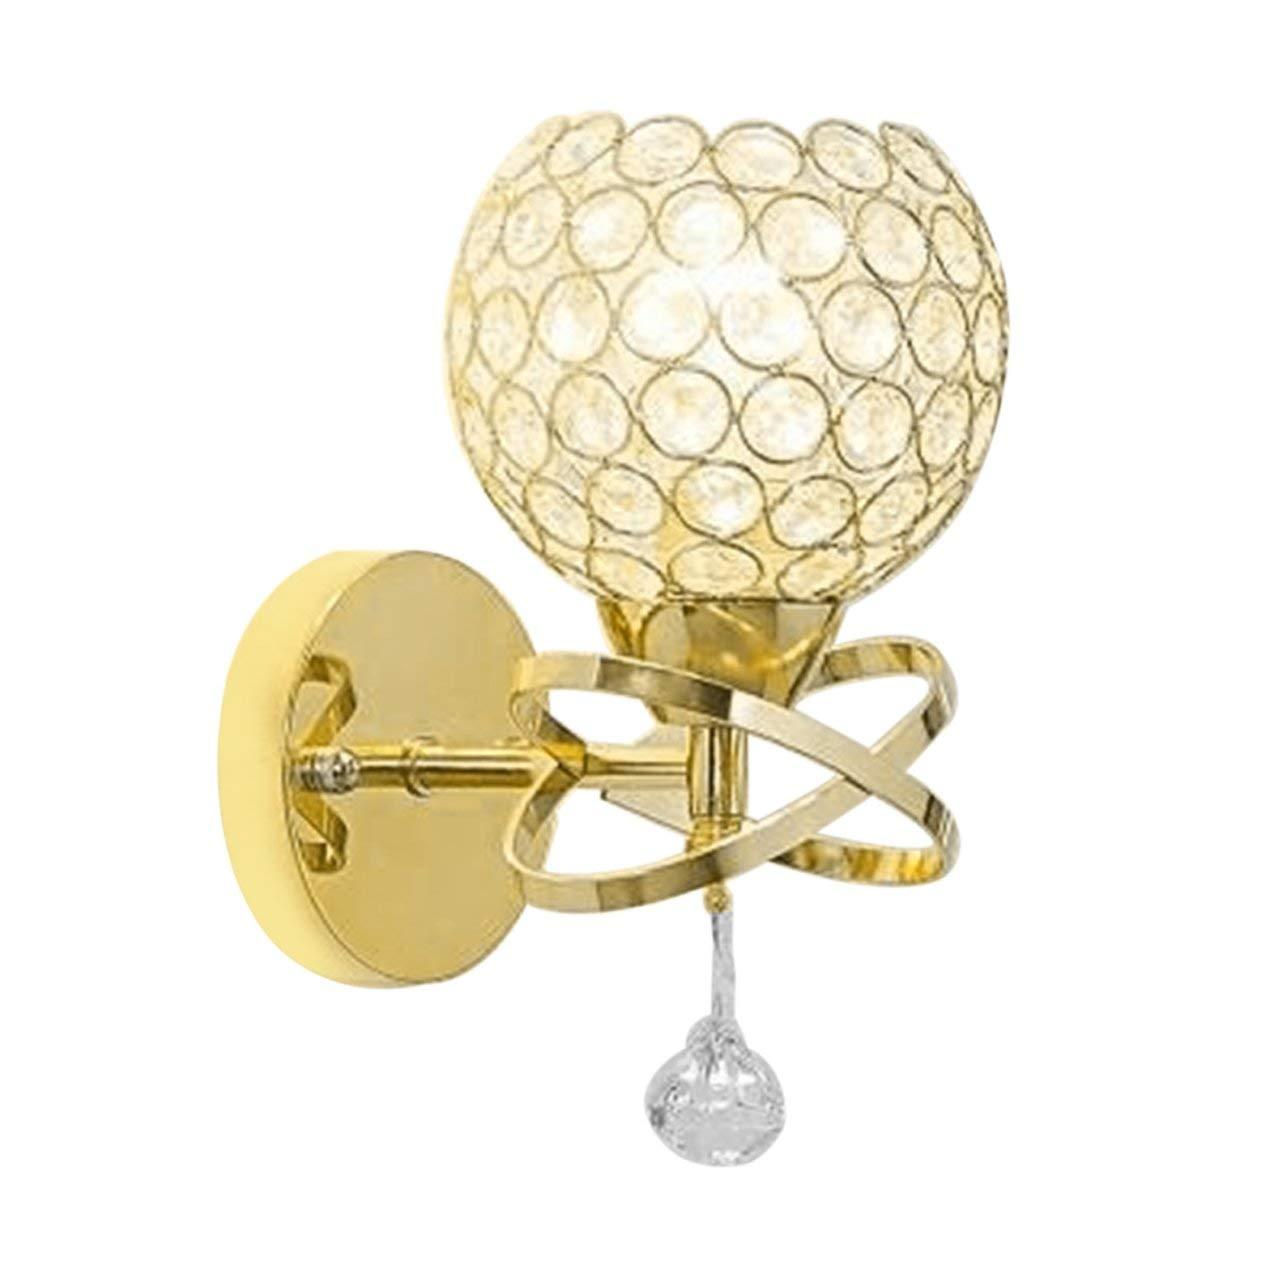 Jasnyfall LED-Kristallwandmontage Lampen-Schlafzimmer-Beleuchtung Home Decor Moderne Wandleuchte E27 golden